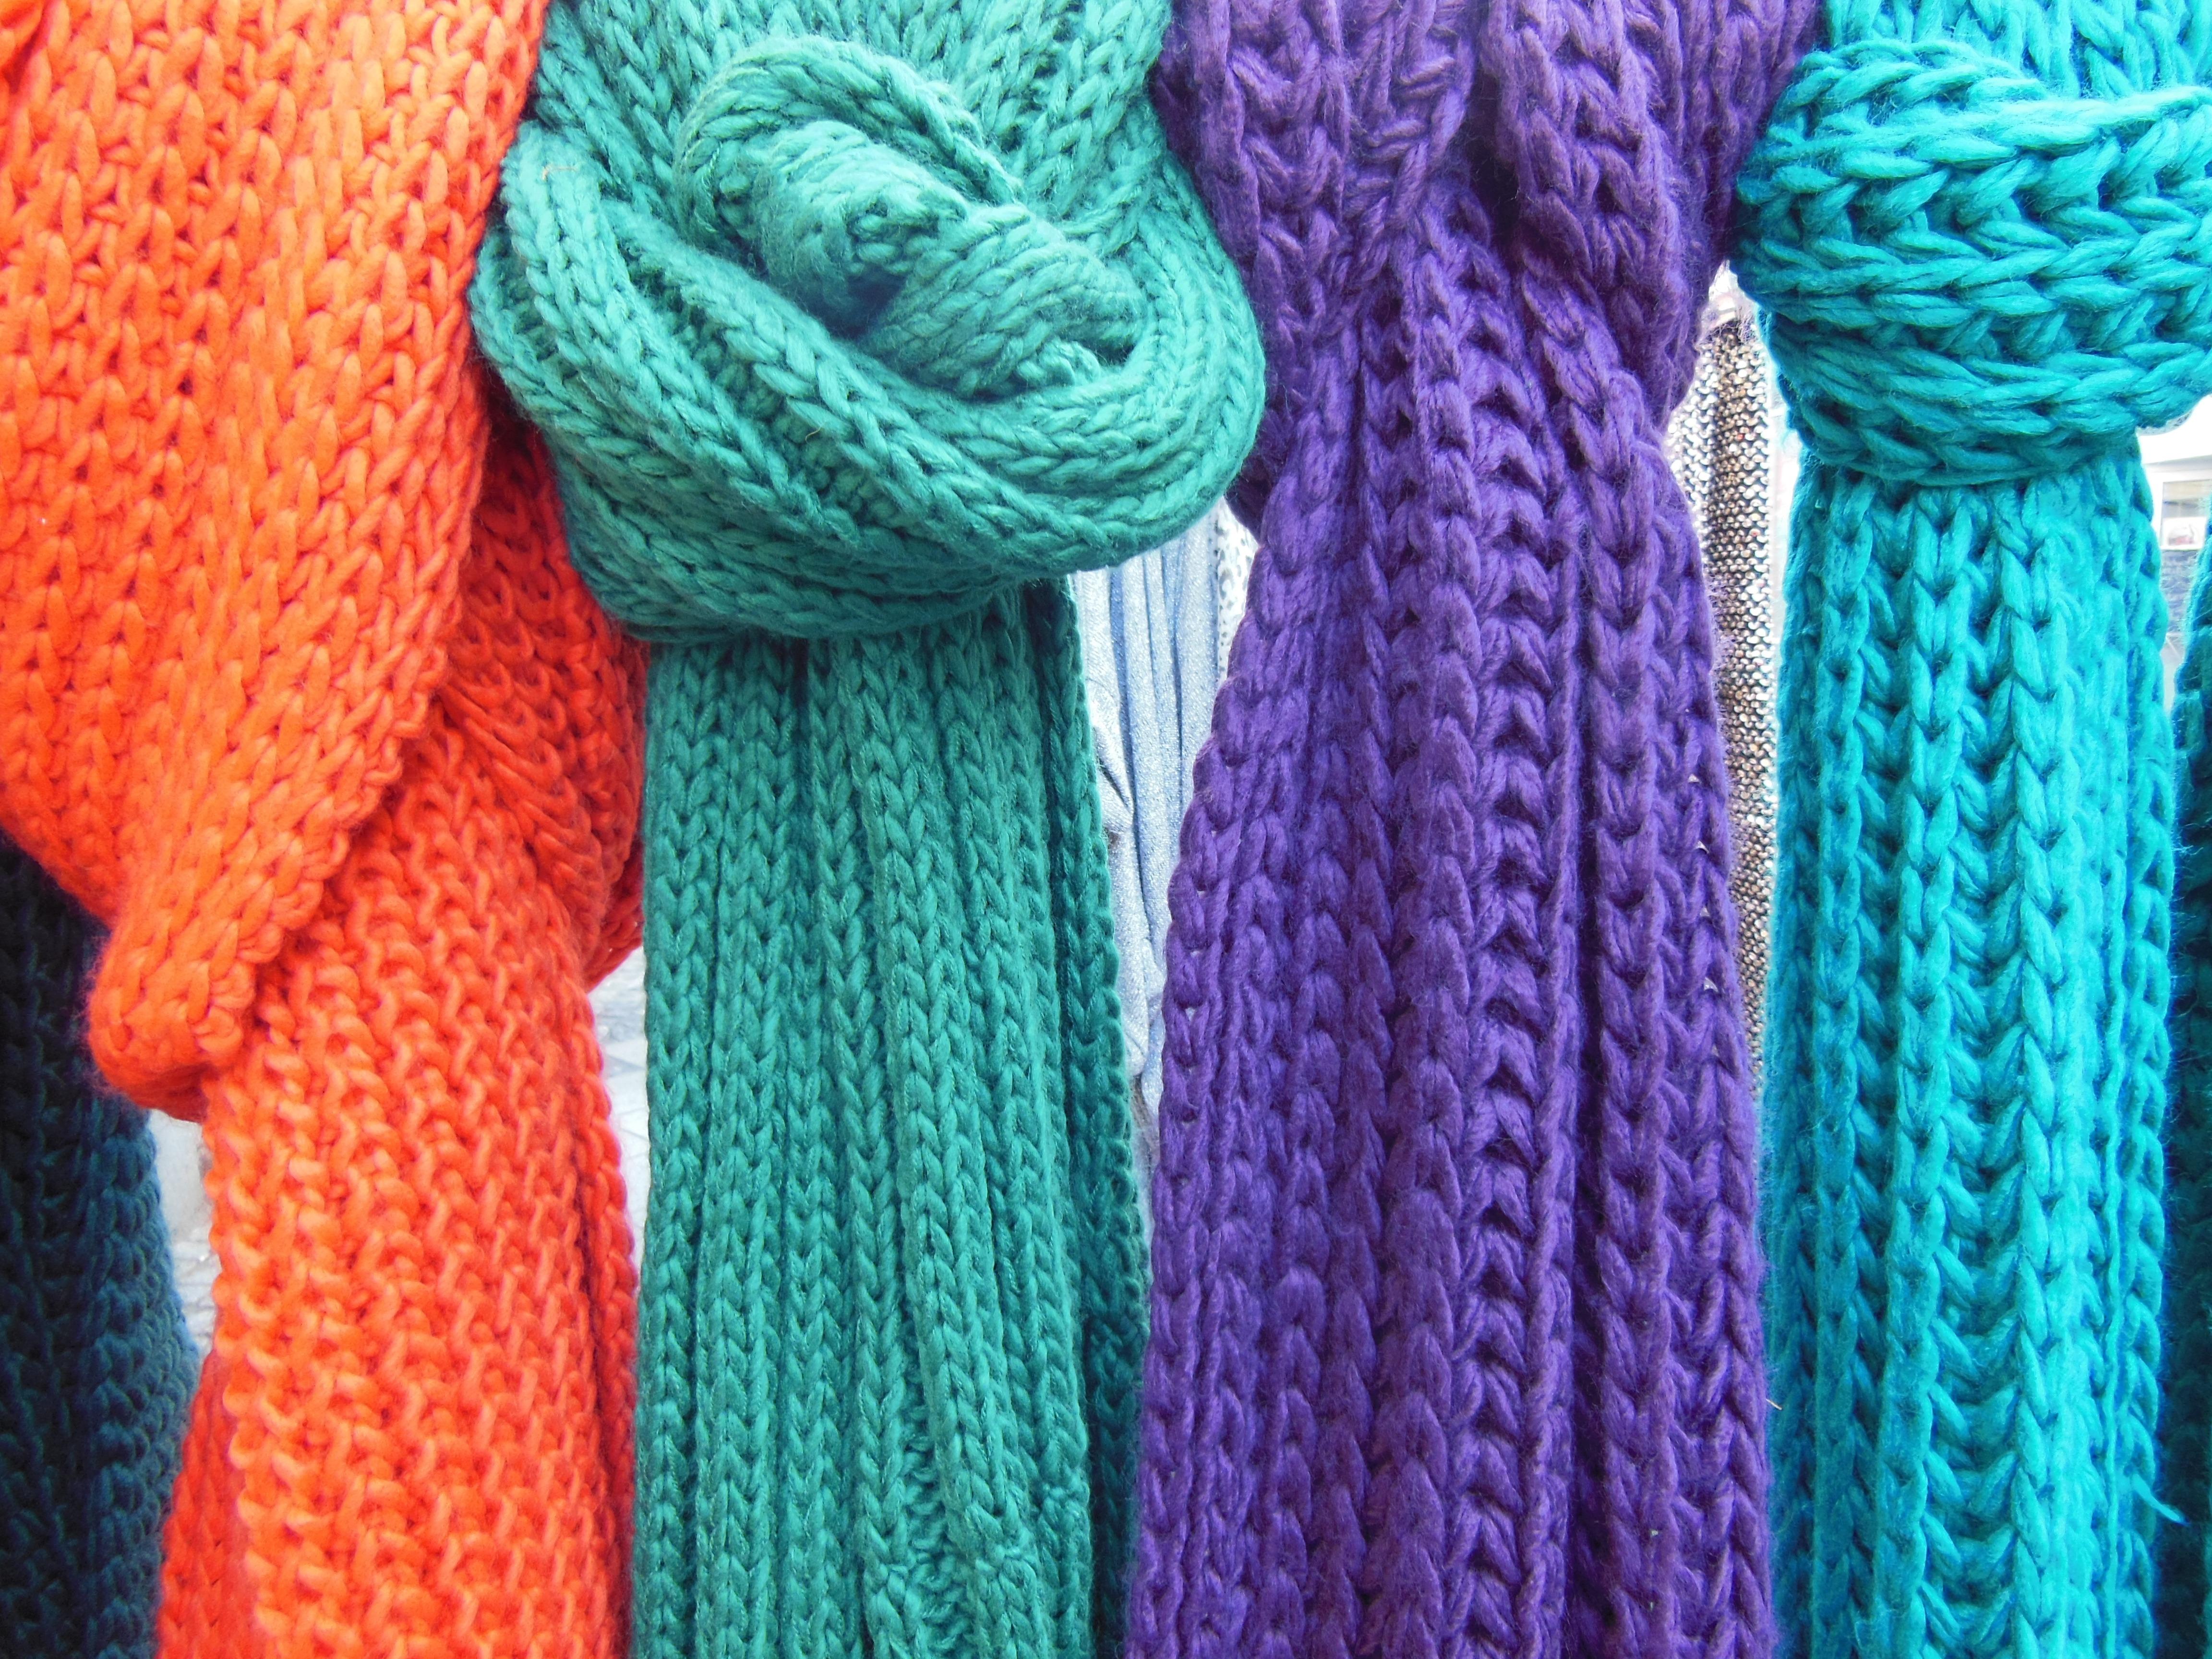 ropa compras bufanda material hilo de cerca de lana tejer tejido de punto textil art turquesa peludo suave de punto de colores bufandas